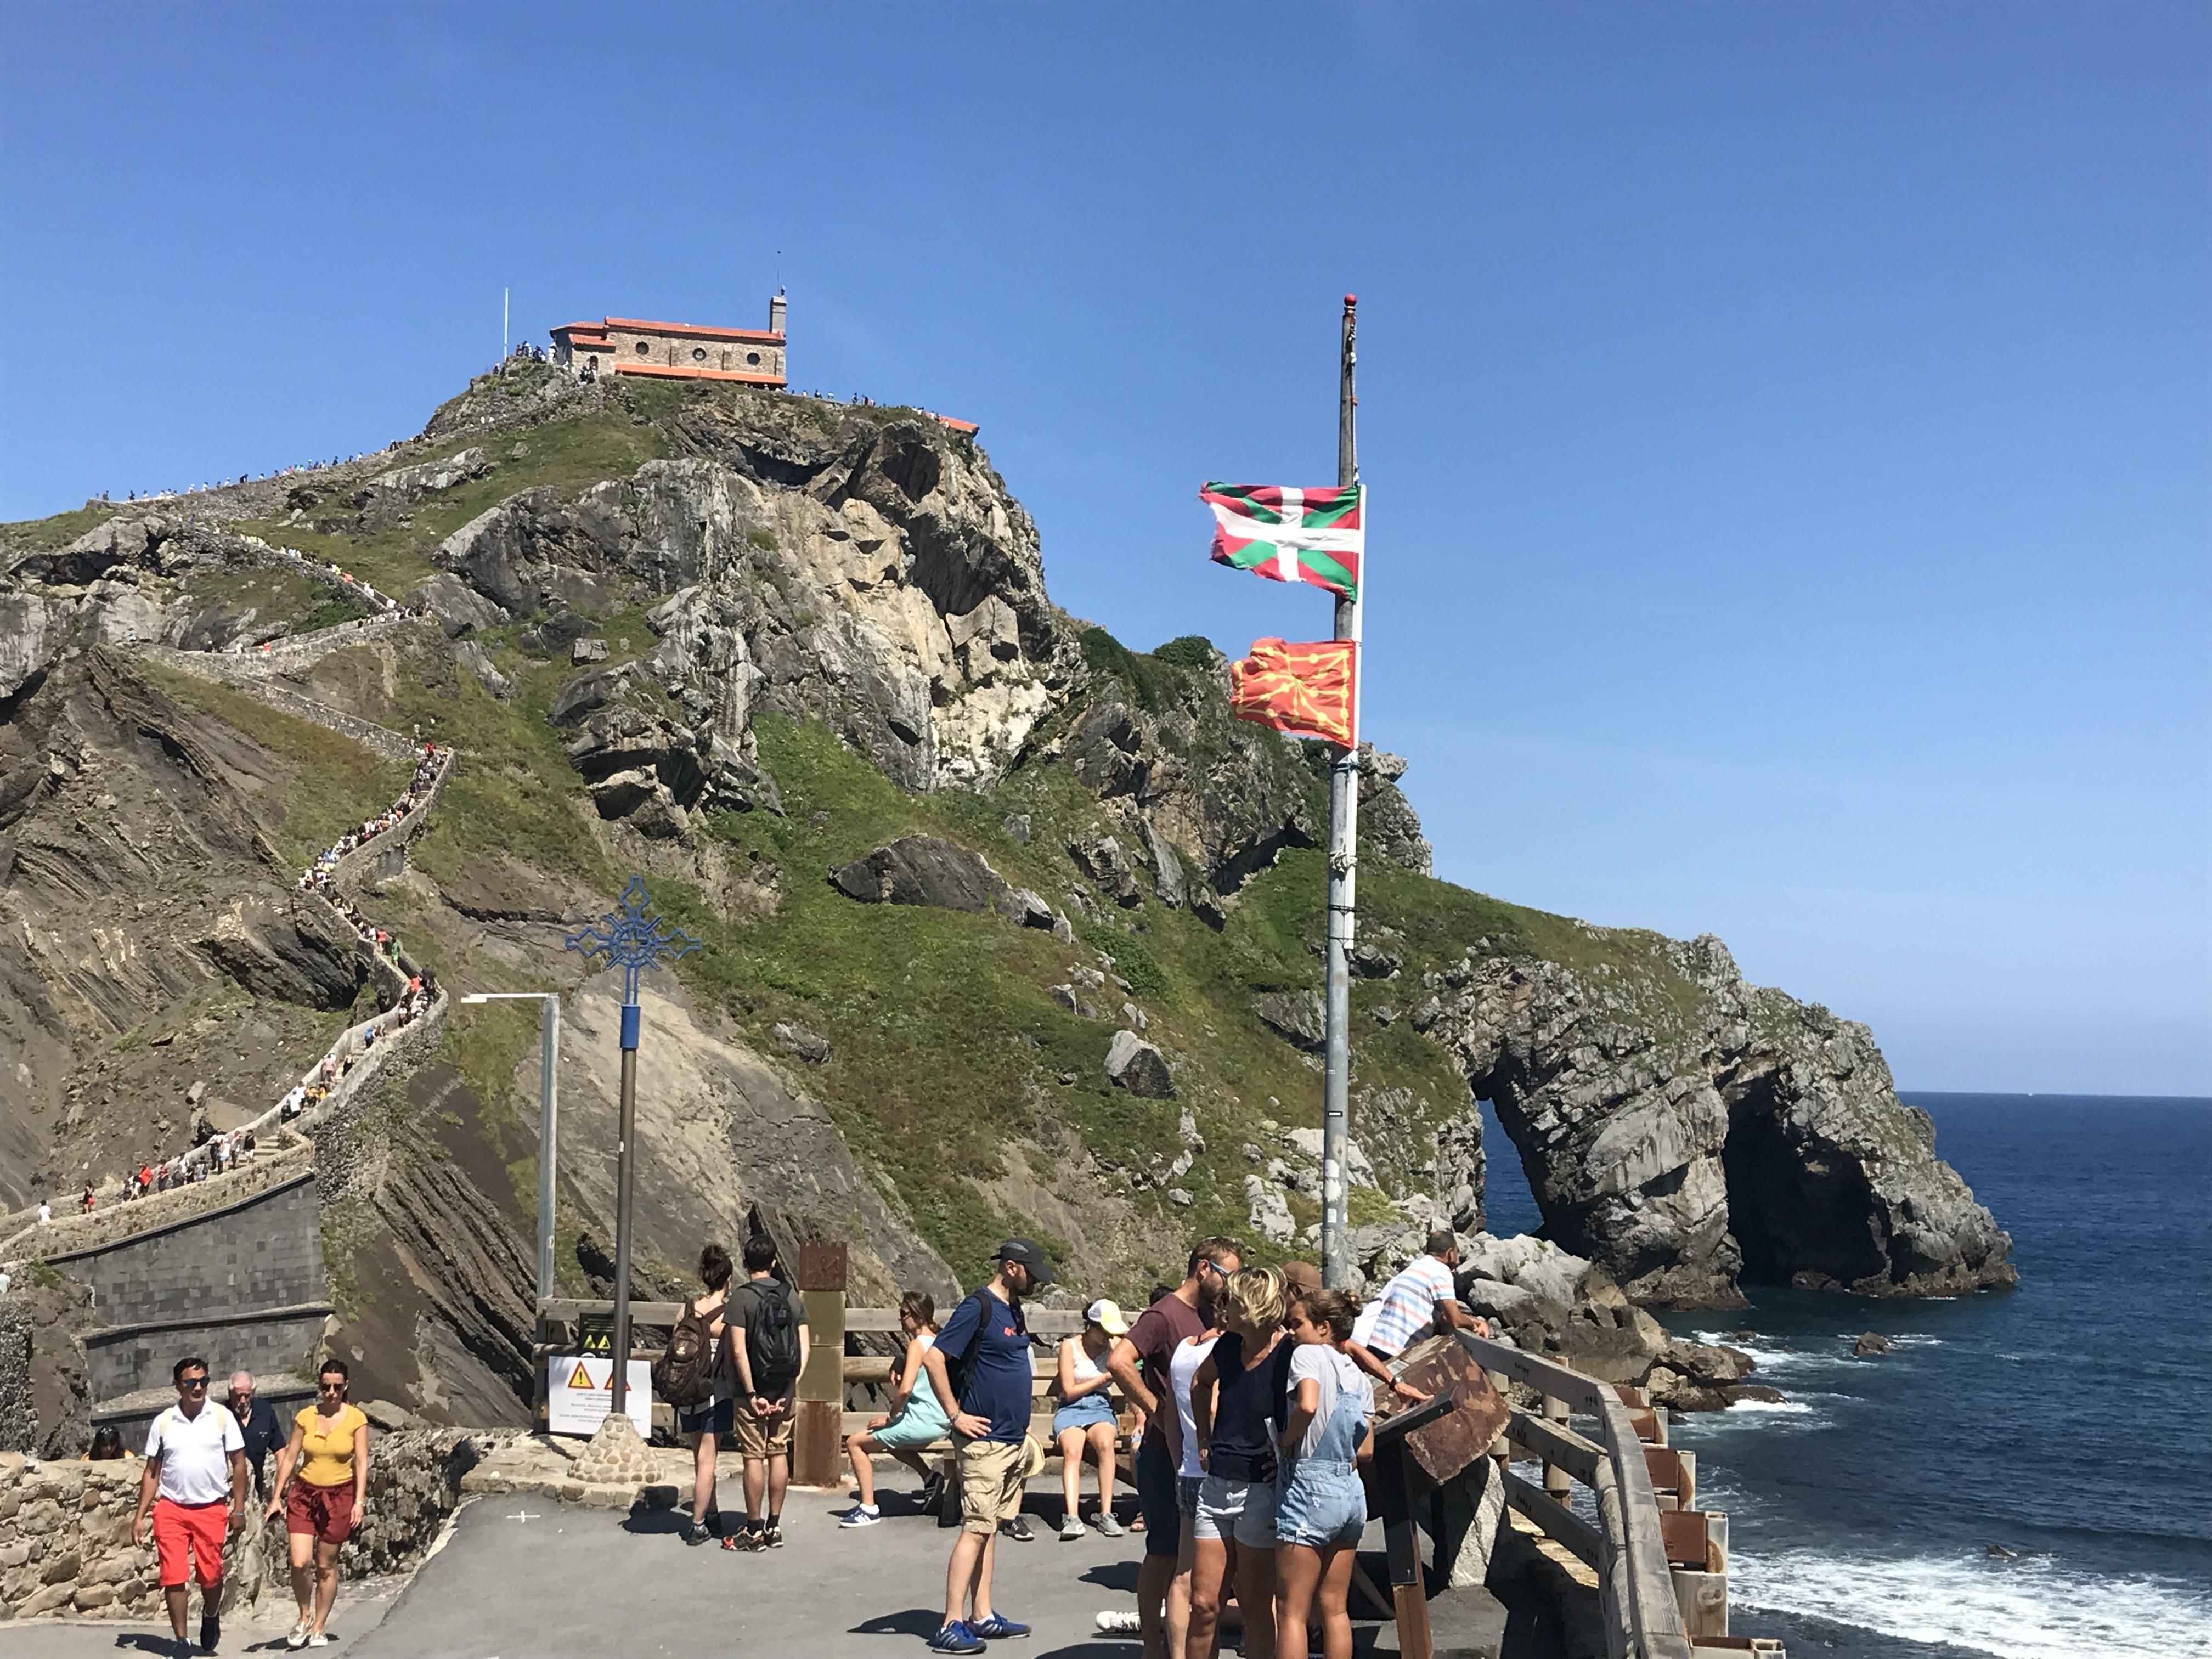 やっと岩山のふもとまで来ました。バスクの旗が翻っています。